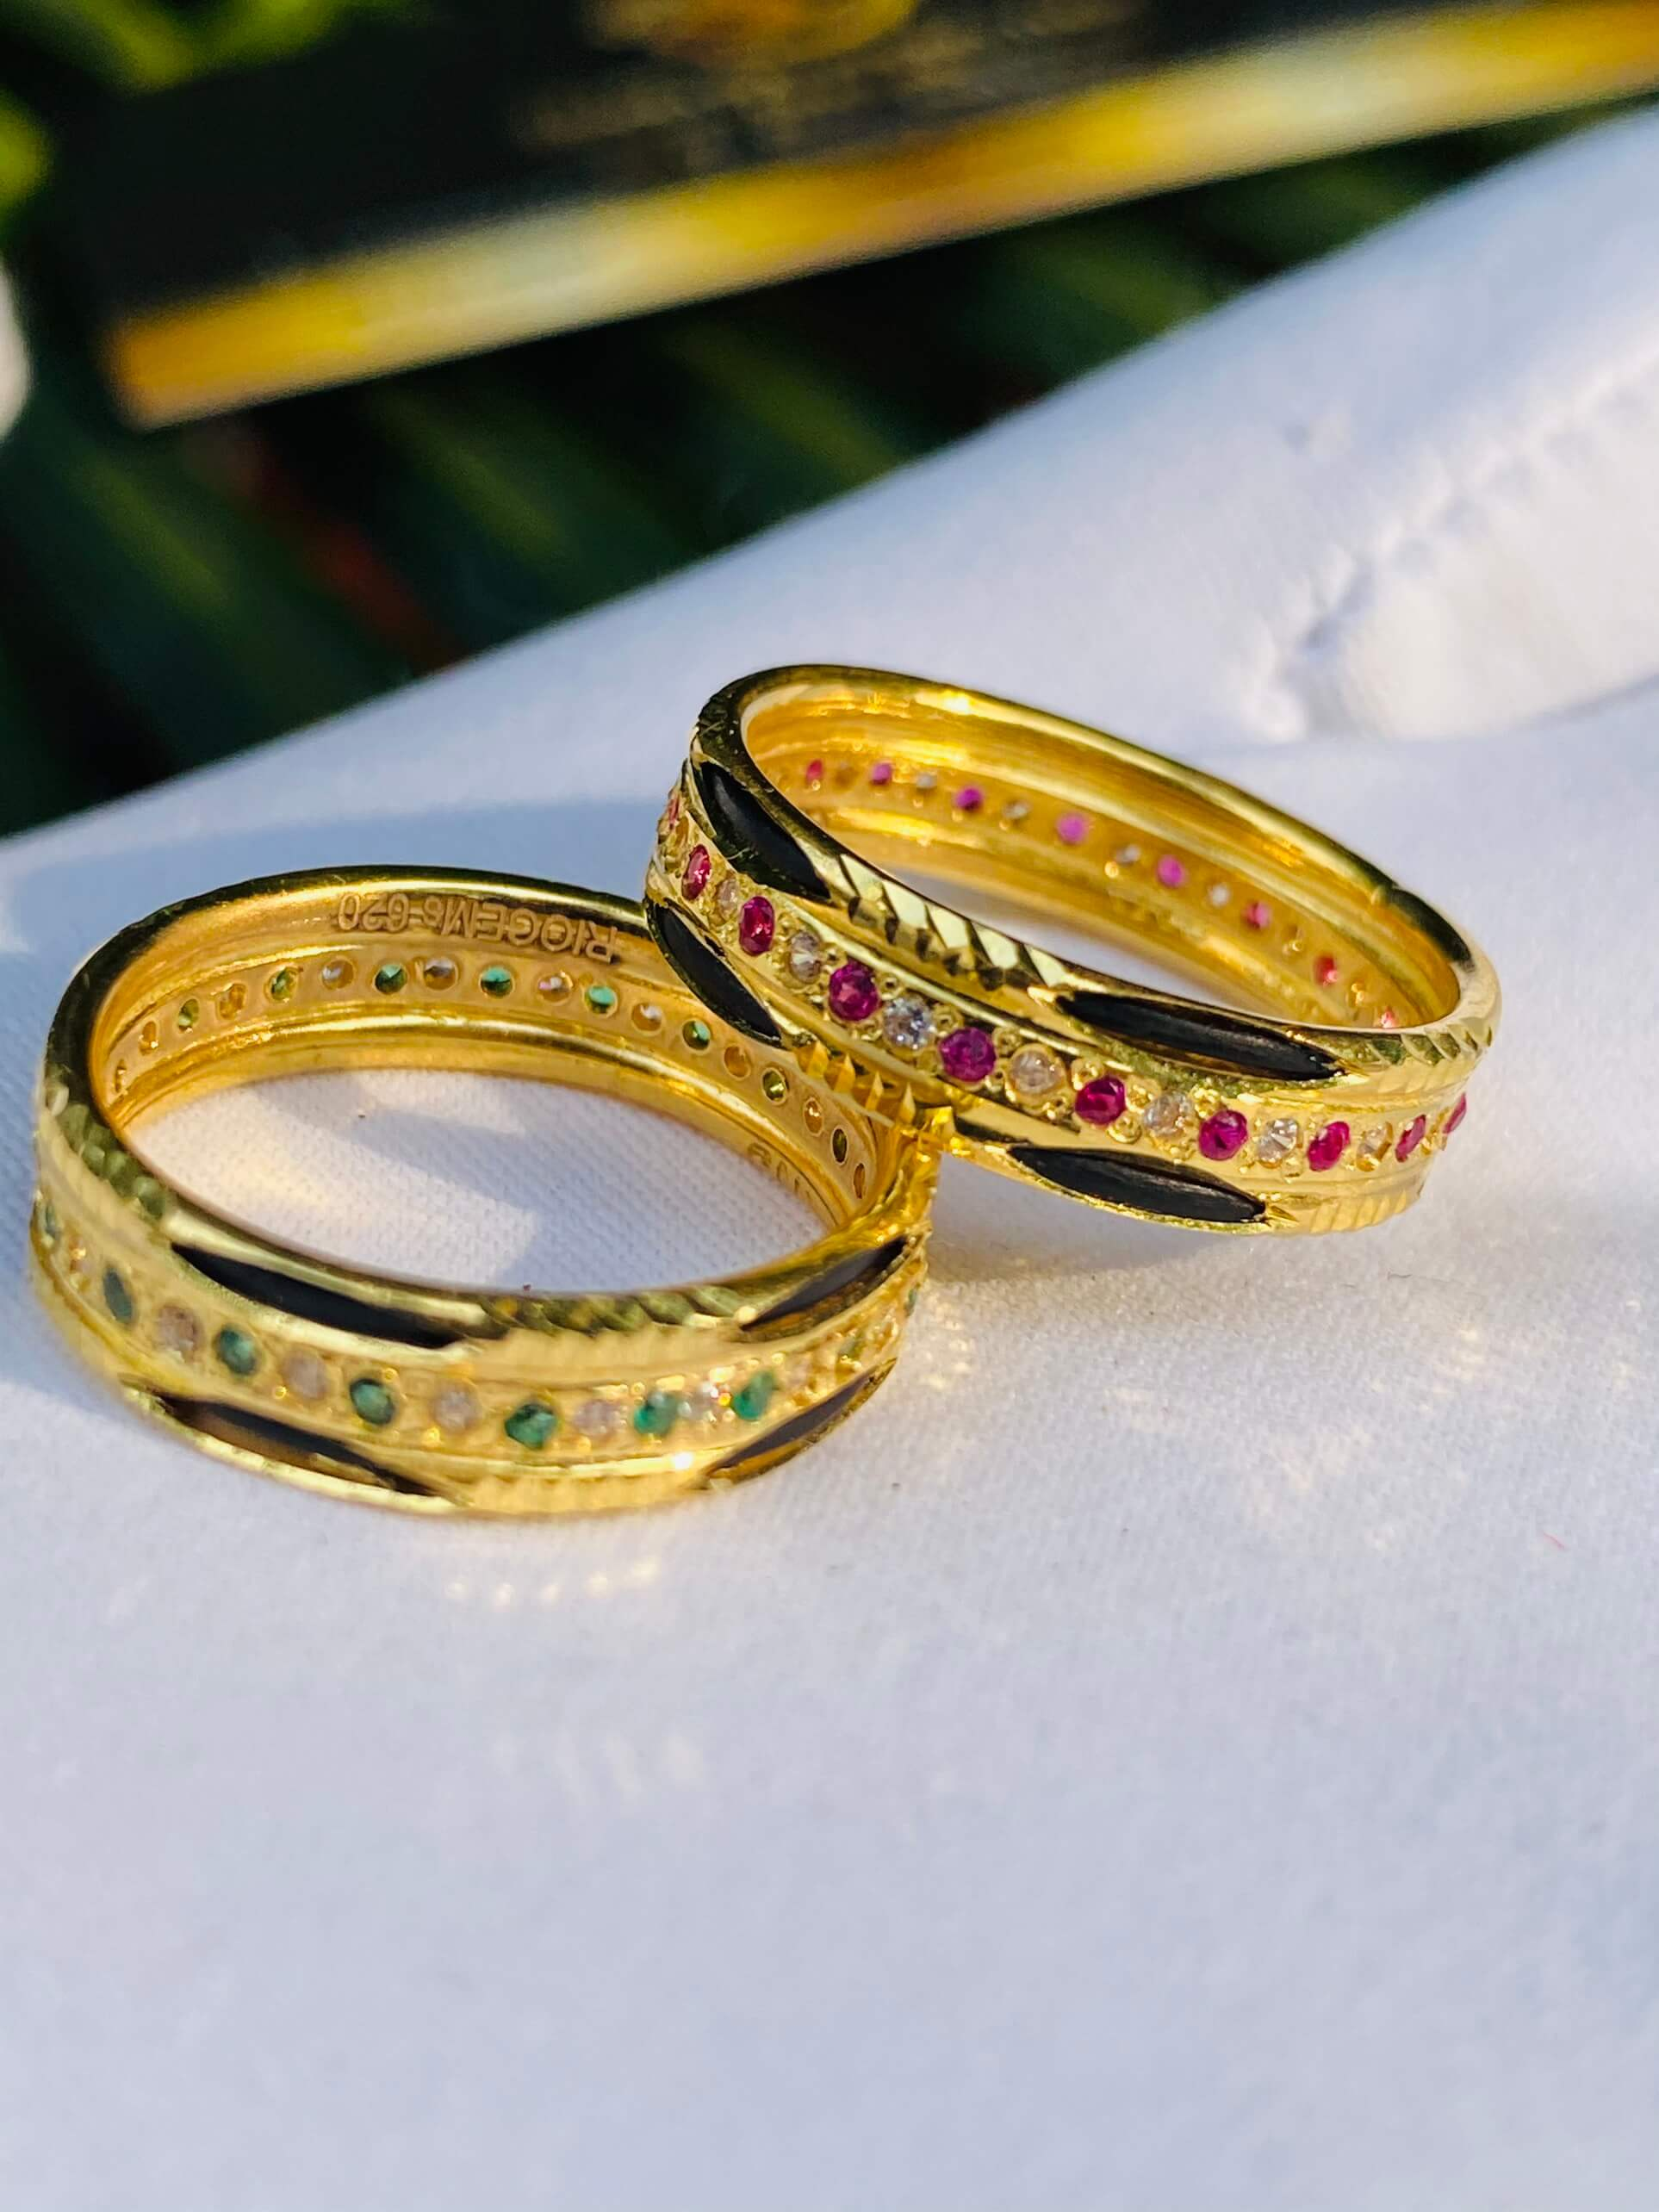 Nhẫn vàng luồng 2 Lông Voi 1 hàng đá tấm trắng xen kẽ